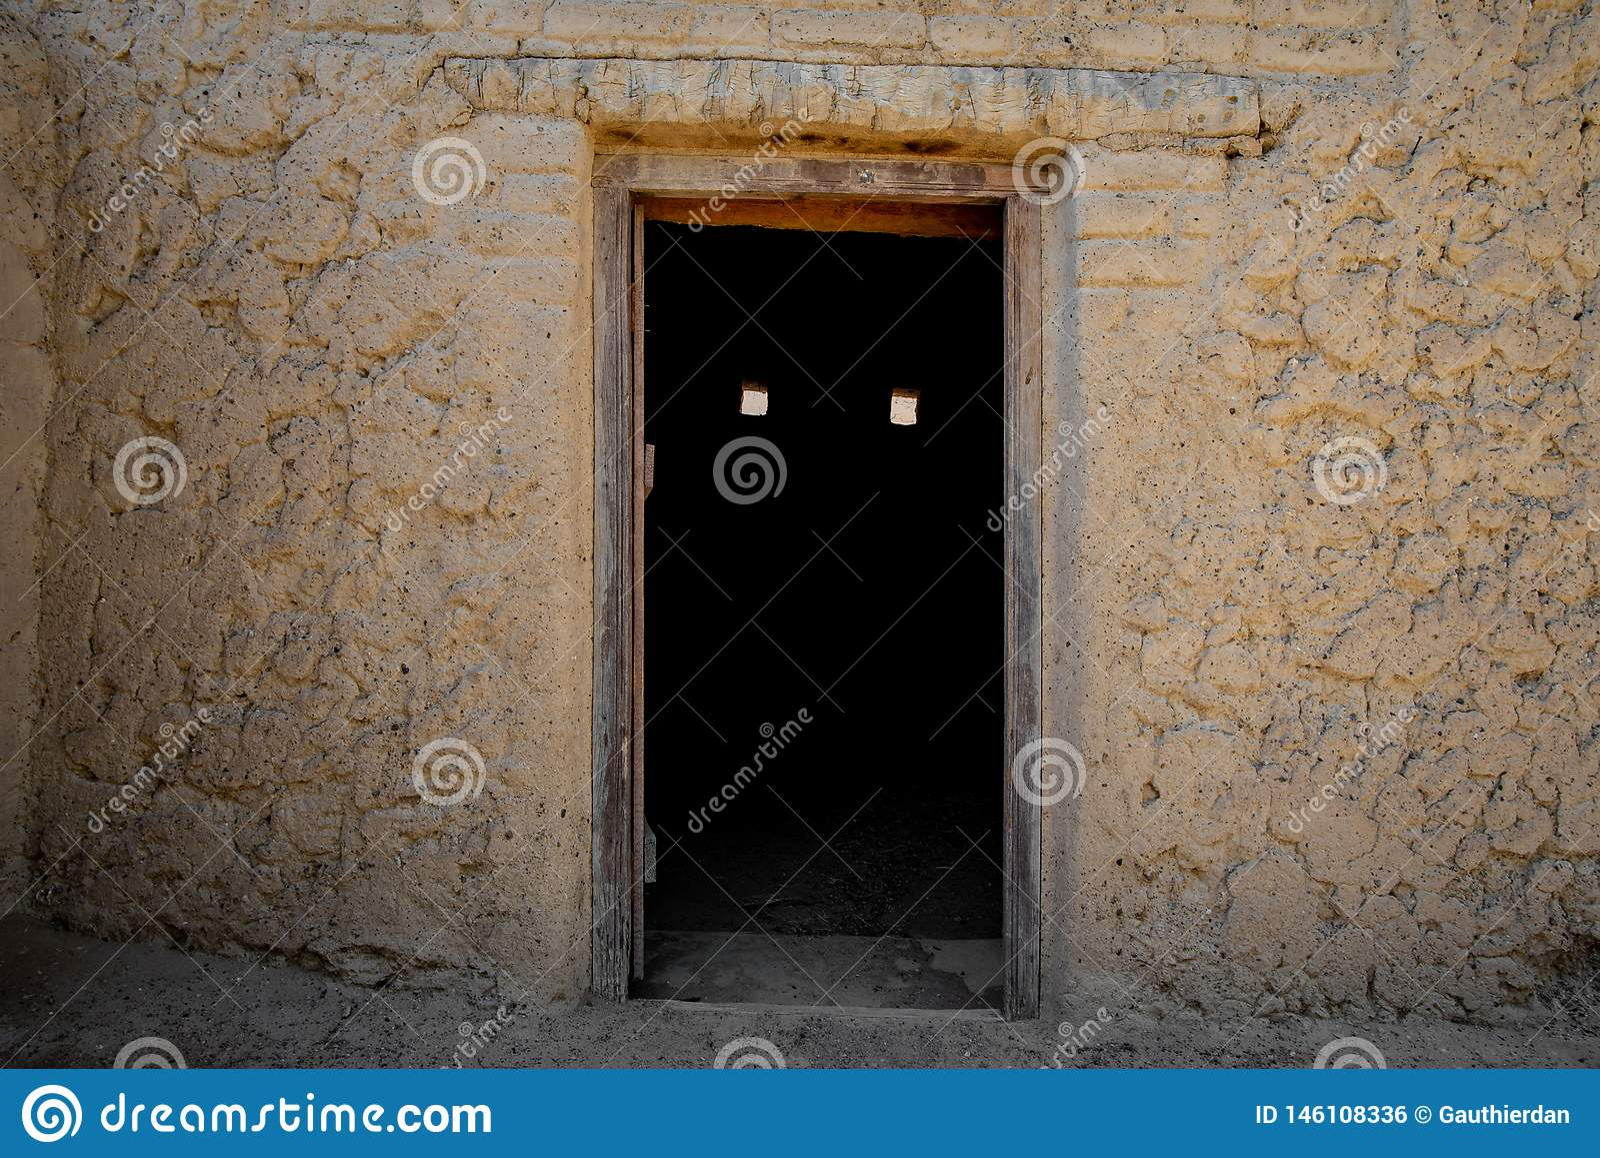 Spooky door in Al Qattara Oasis